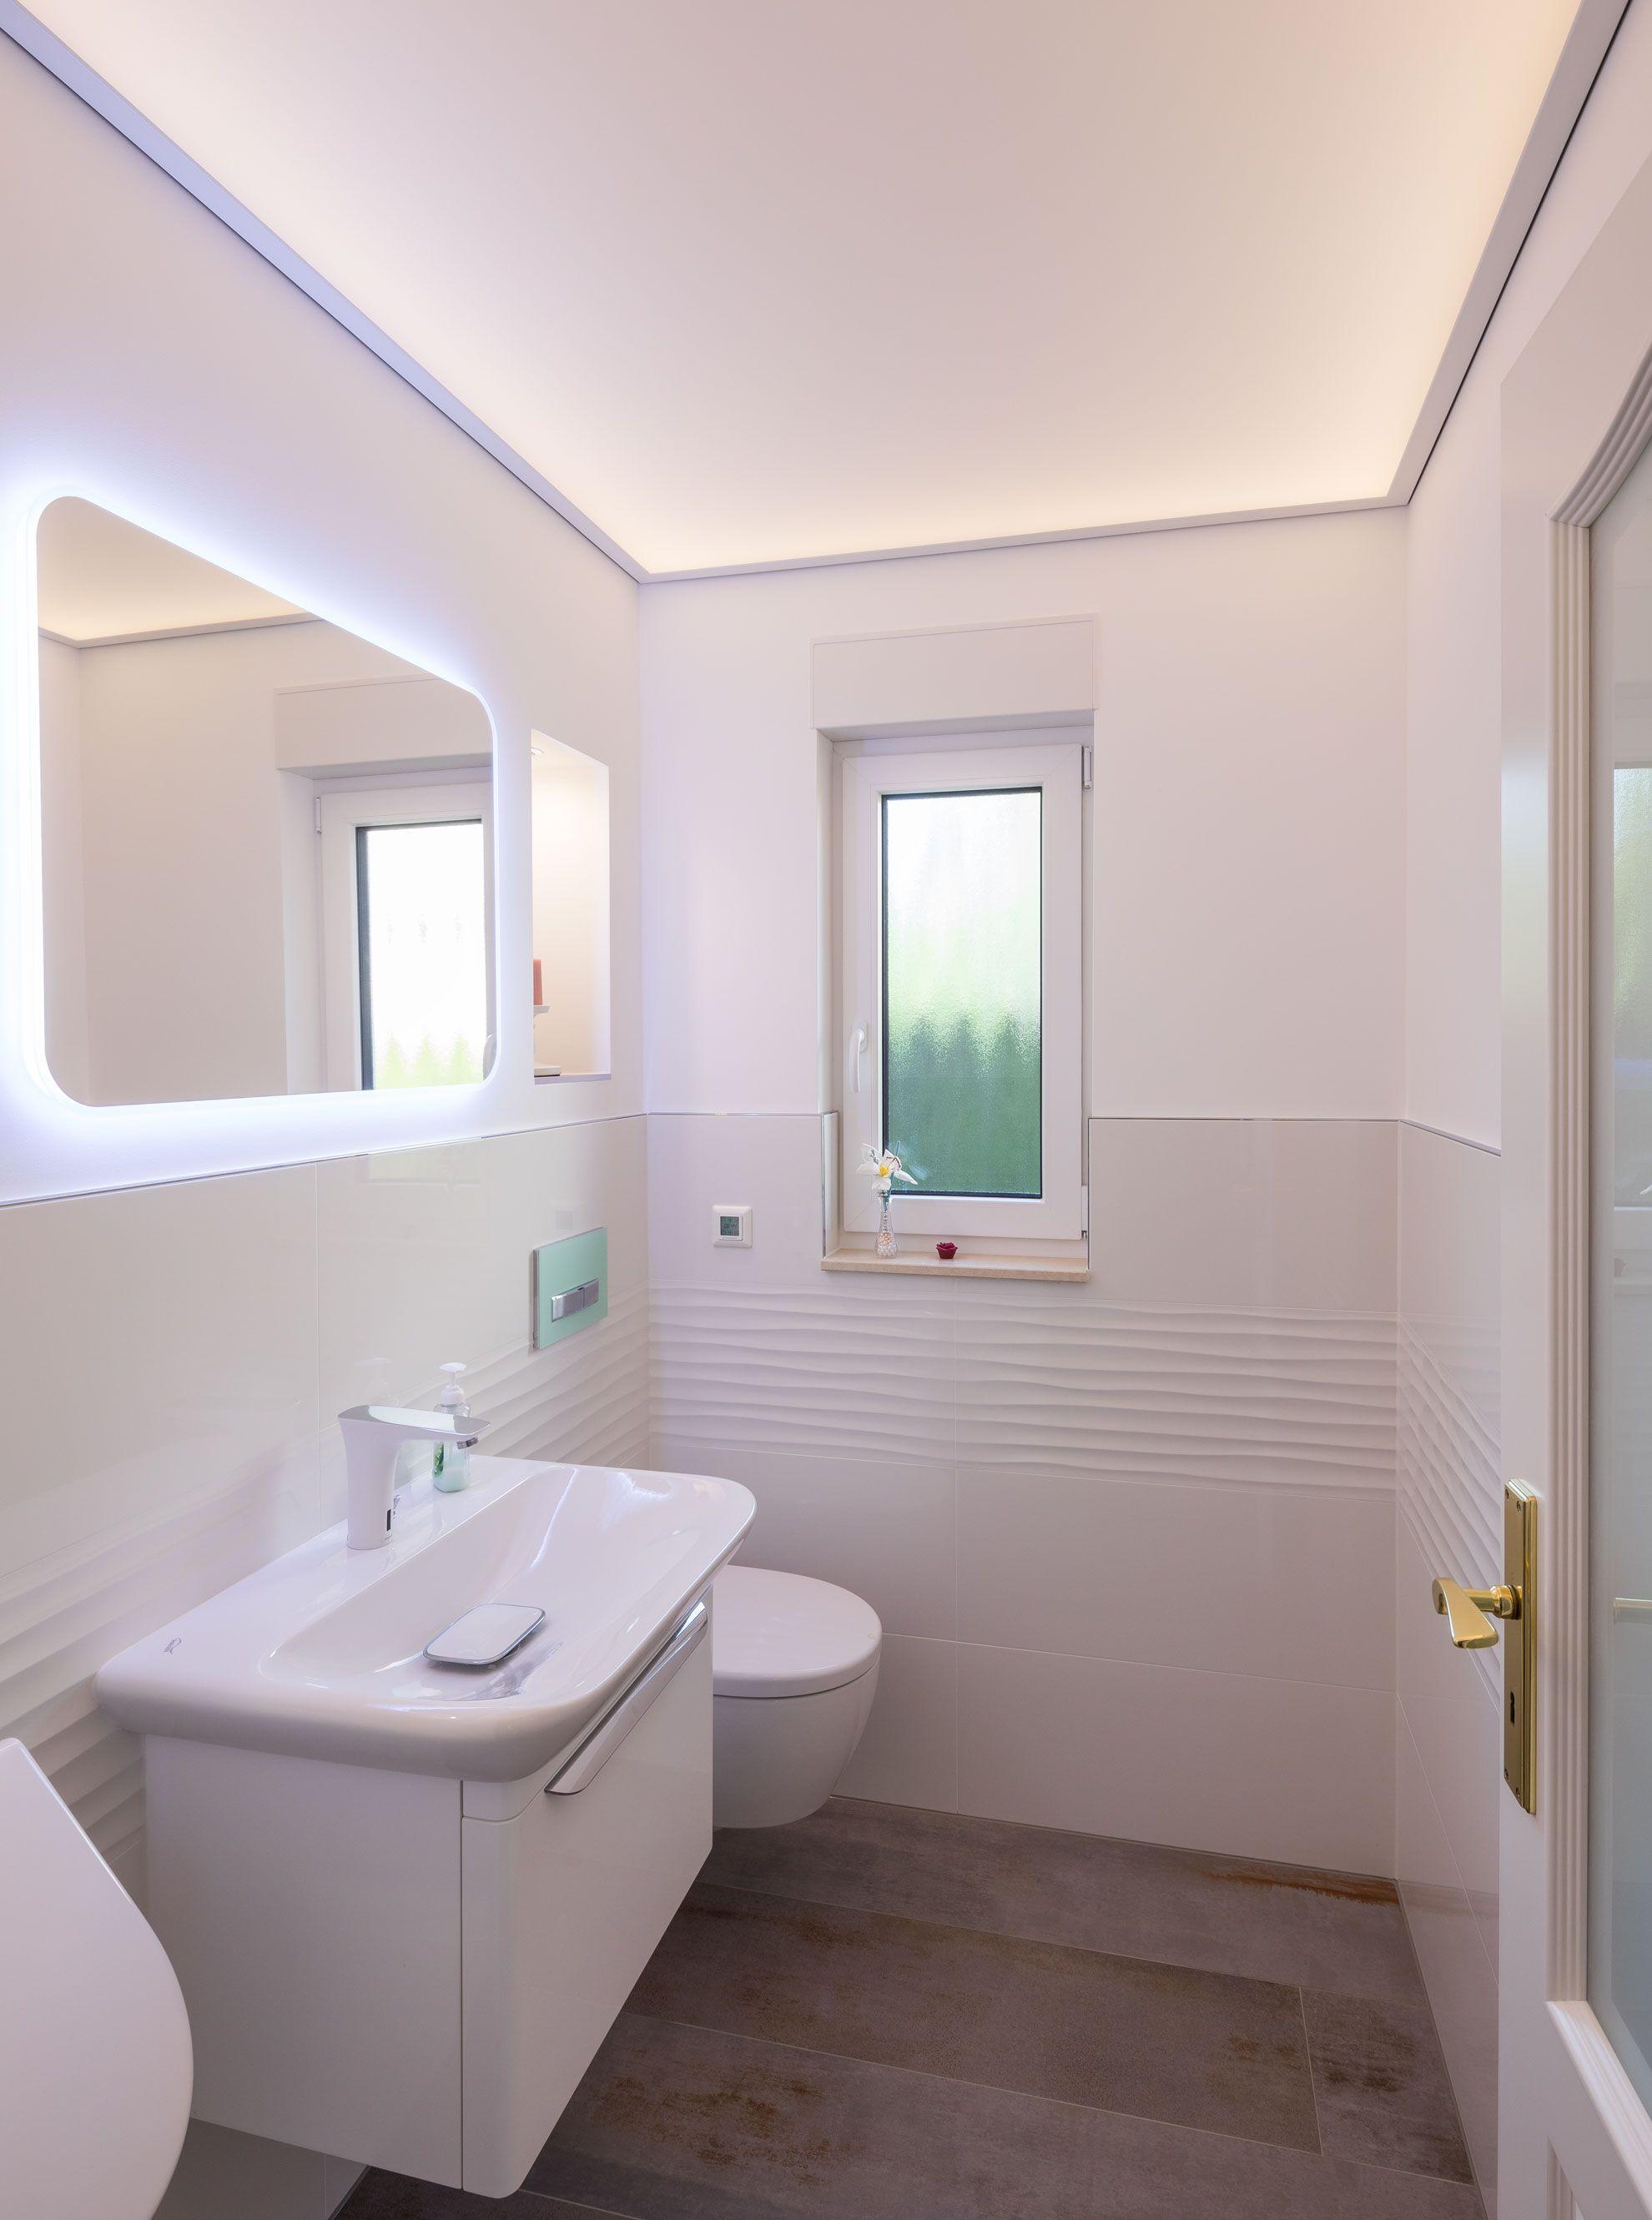 Inspiration für die Beleuchtung der Badezimmer Decke